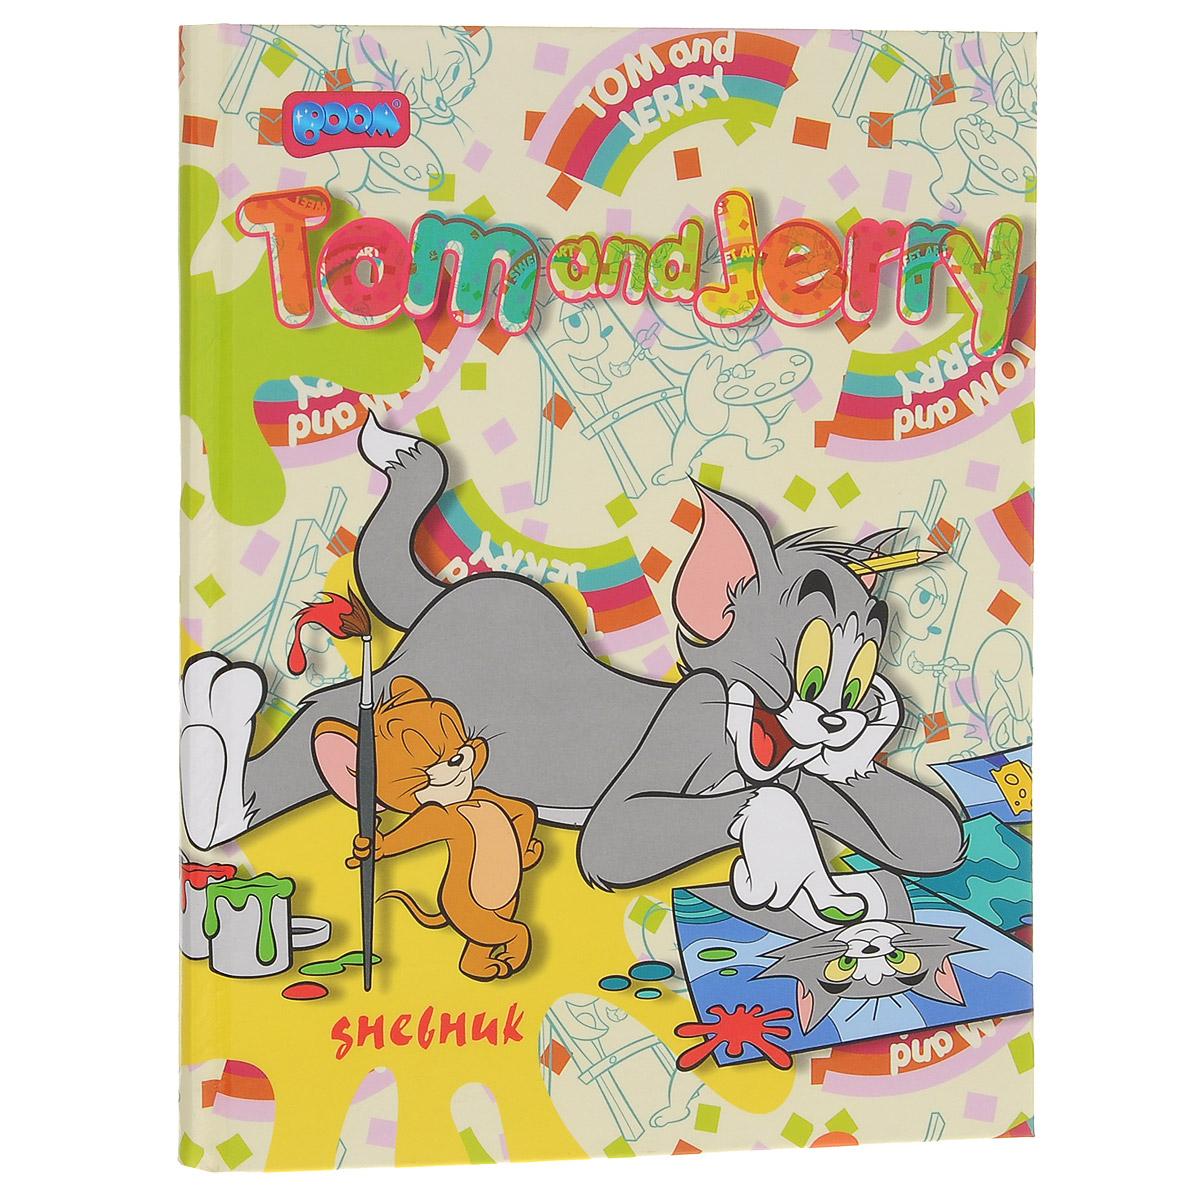 Дневник школьный Boom Том и Джерри, цвет: желтый, розовый. 217217Школьный дневник Boom Том и Джерри - первый ежедневник вашего ребенка. Он поможет ему не забыть свои задания, а вы всегда сможете проконтролировать его успеваемость. Дневник предназначен для учеников 1-4 классов. Внутренний блок дневника состоит из 48 листов бумаги светло-оранжевого цвета. Яркая обложка в твердом переплете выполнена из глянцевого картона. В структуру дневника входят все необходимые разделы: информация о личных данных ученика, расписание уроков по четвертям, сведения о преподавателях и дополнительных занятиях. Дневник содержит номера телефонов экстренной помощи и даты праздничных дней. В конце дневника имеются сведения об успеваемости с заметками классного руководителя и учителей, информация о каникулах и краткий справочник школьника по математике и русскому языку. Дневник Boom Том и Джерри станет отличным помощником в освоении новых знаний и украсит учебные будни.